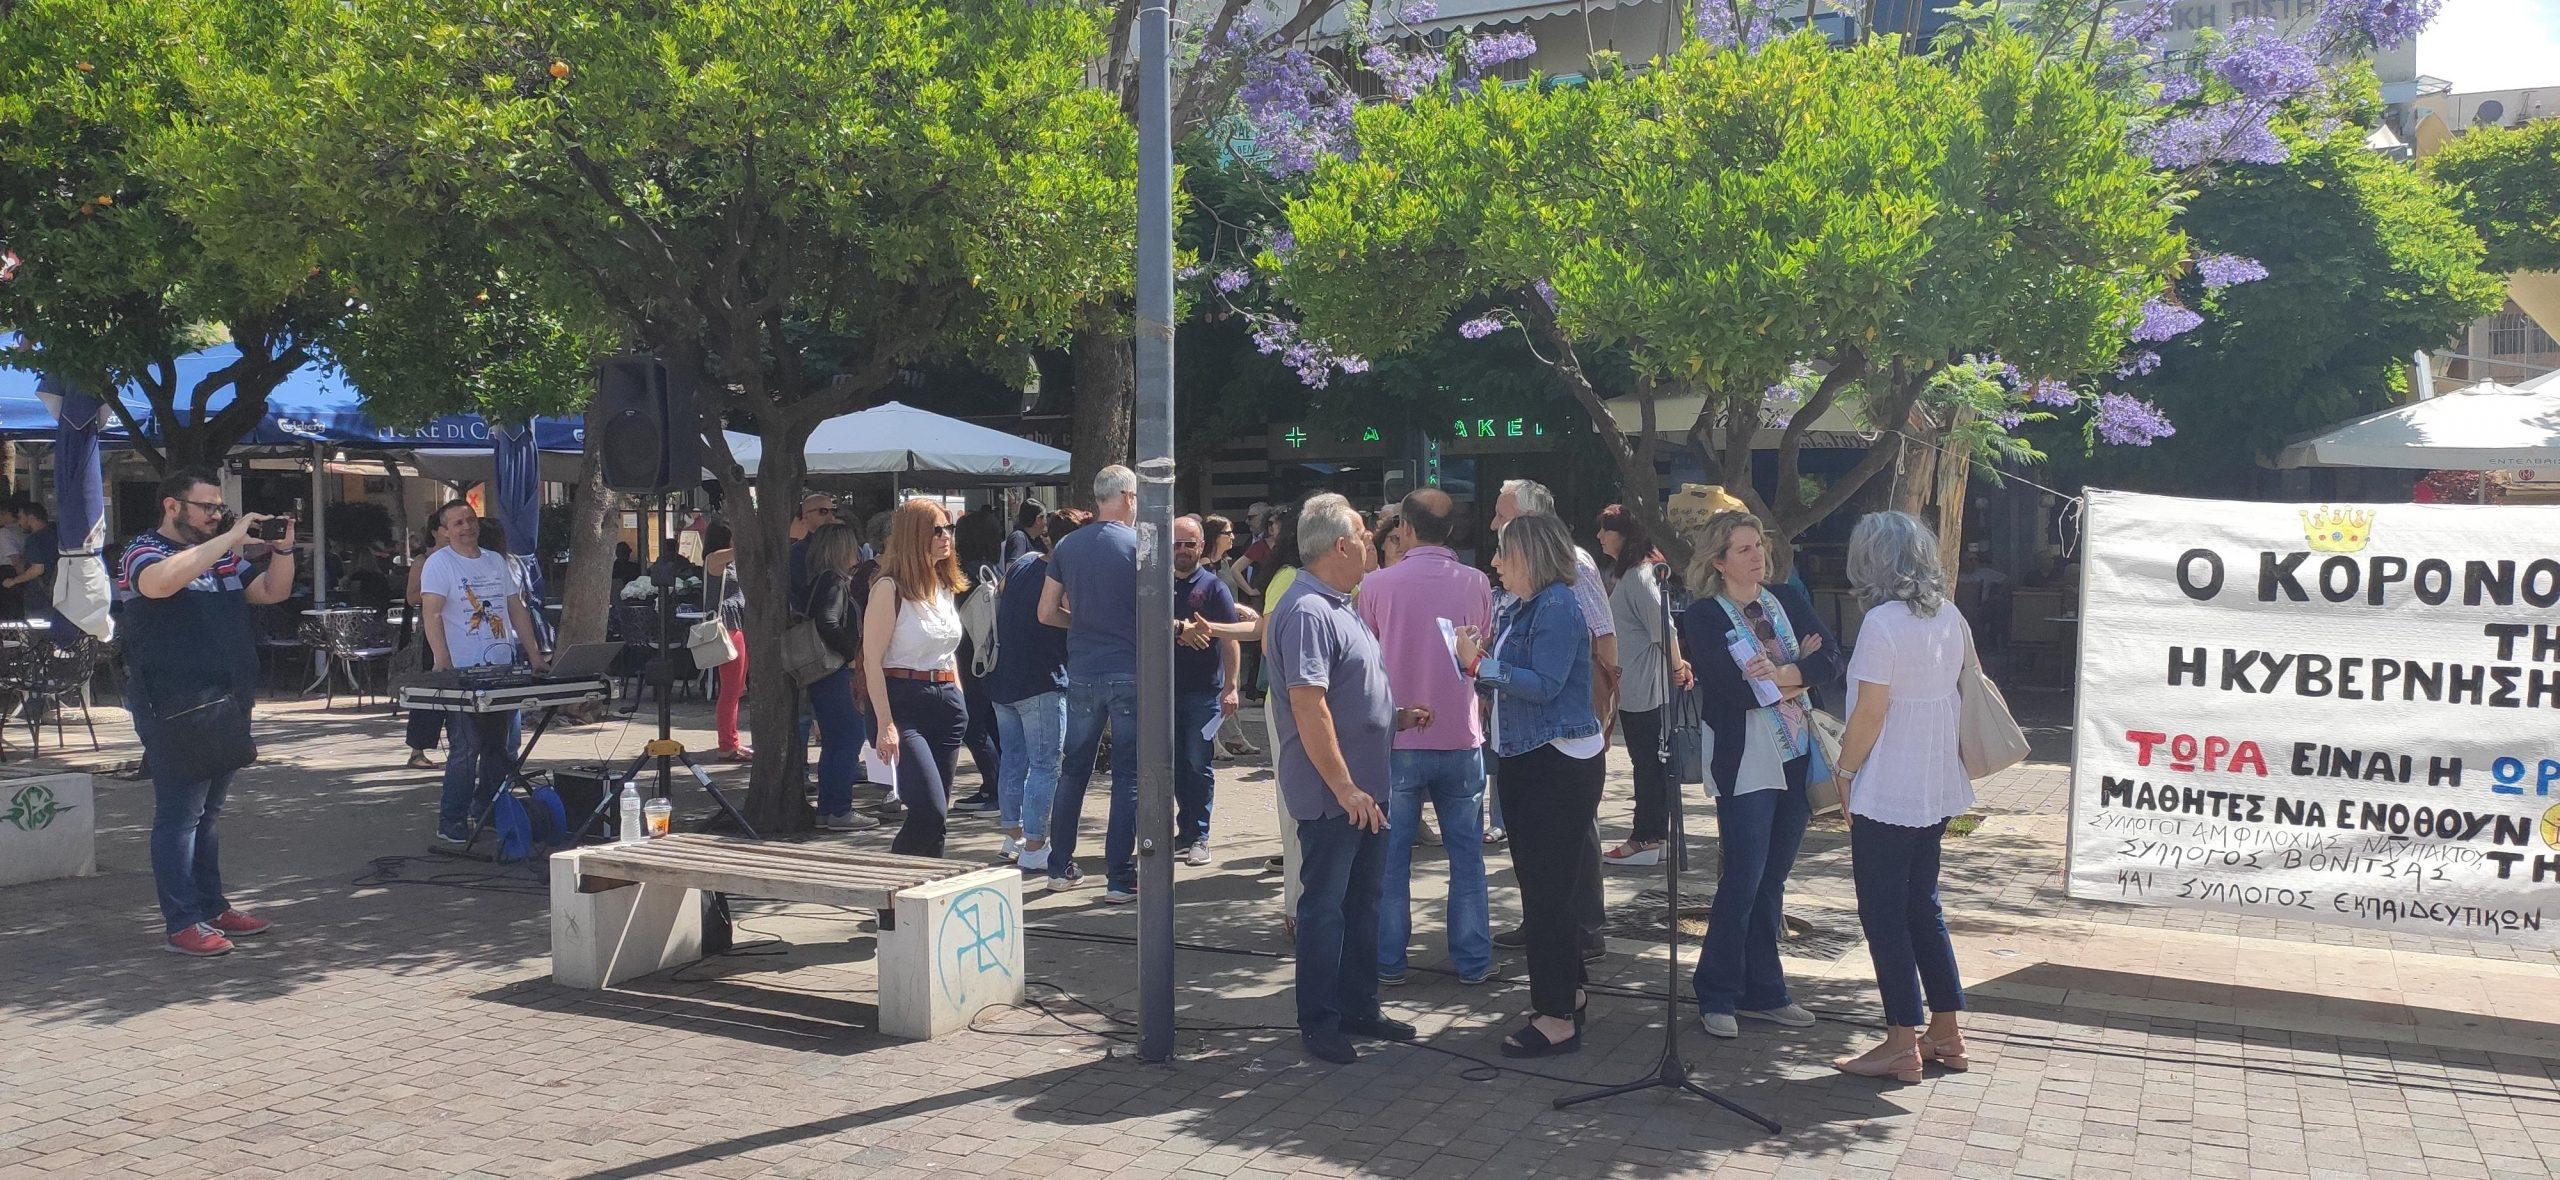 Νέα συγκέντρωση διαμαρτυρίας των εκπαιδευτικών στο Αγρίνιο